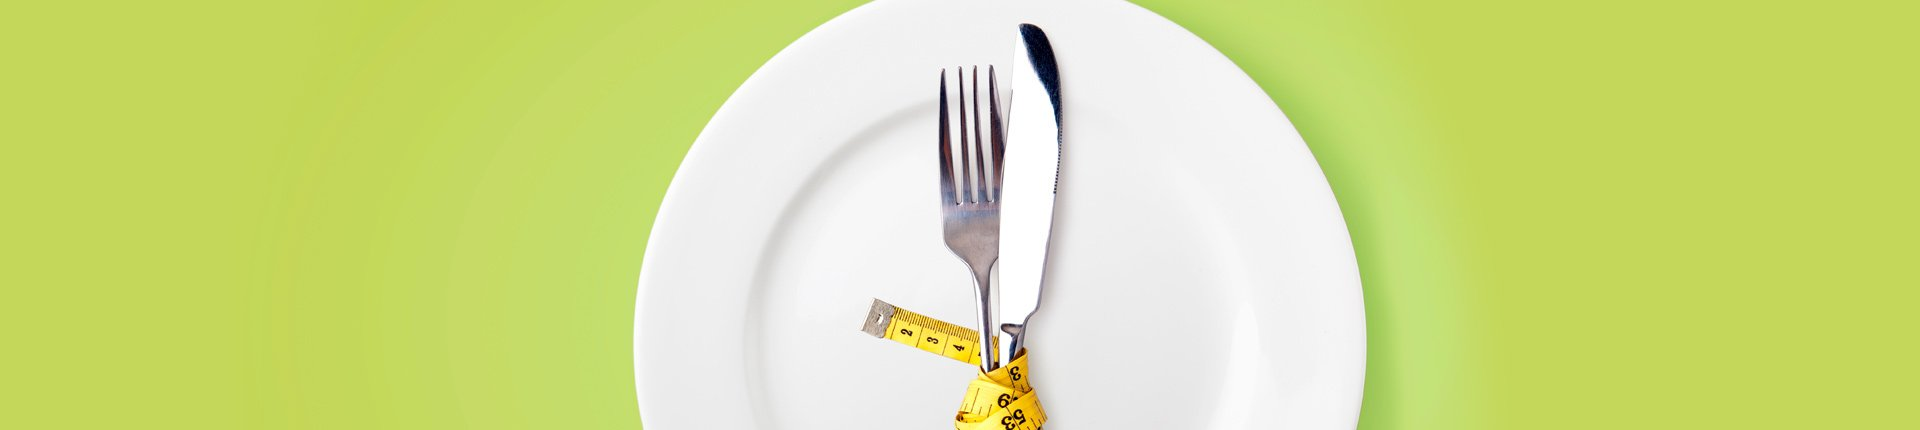 Czy diety oczyszczające działają? Typy, zalety i wady diet oczyszczających